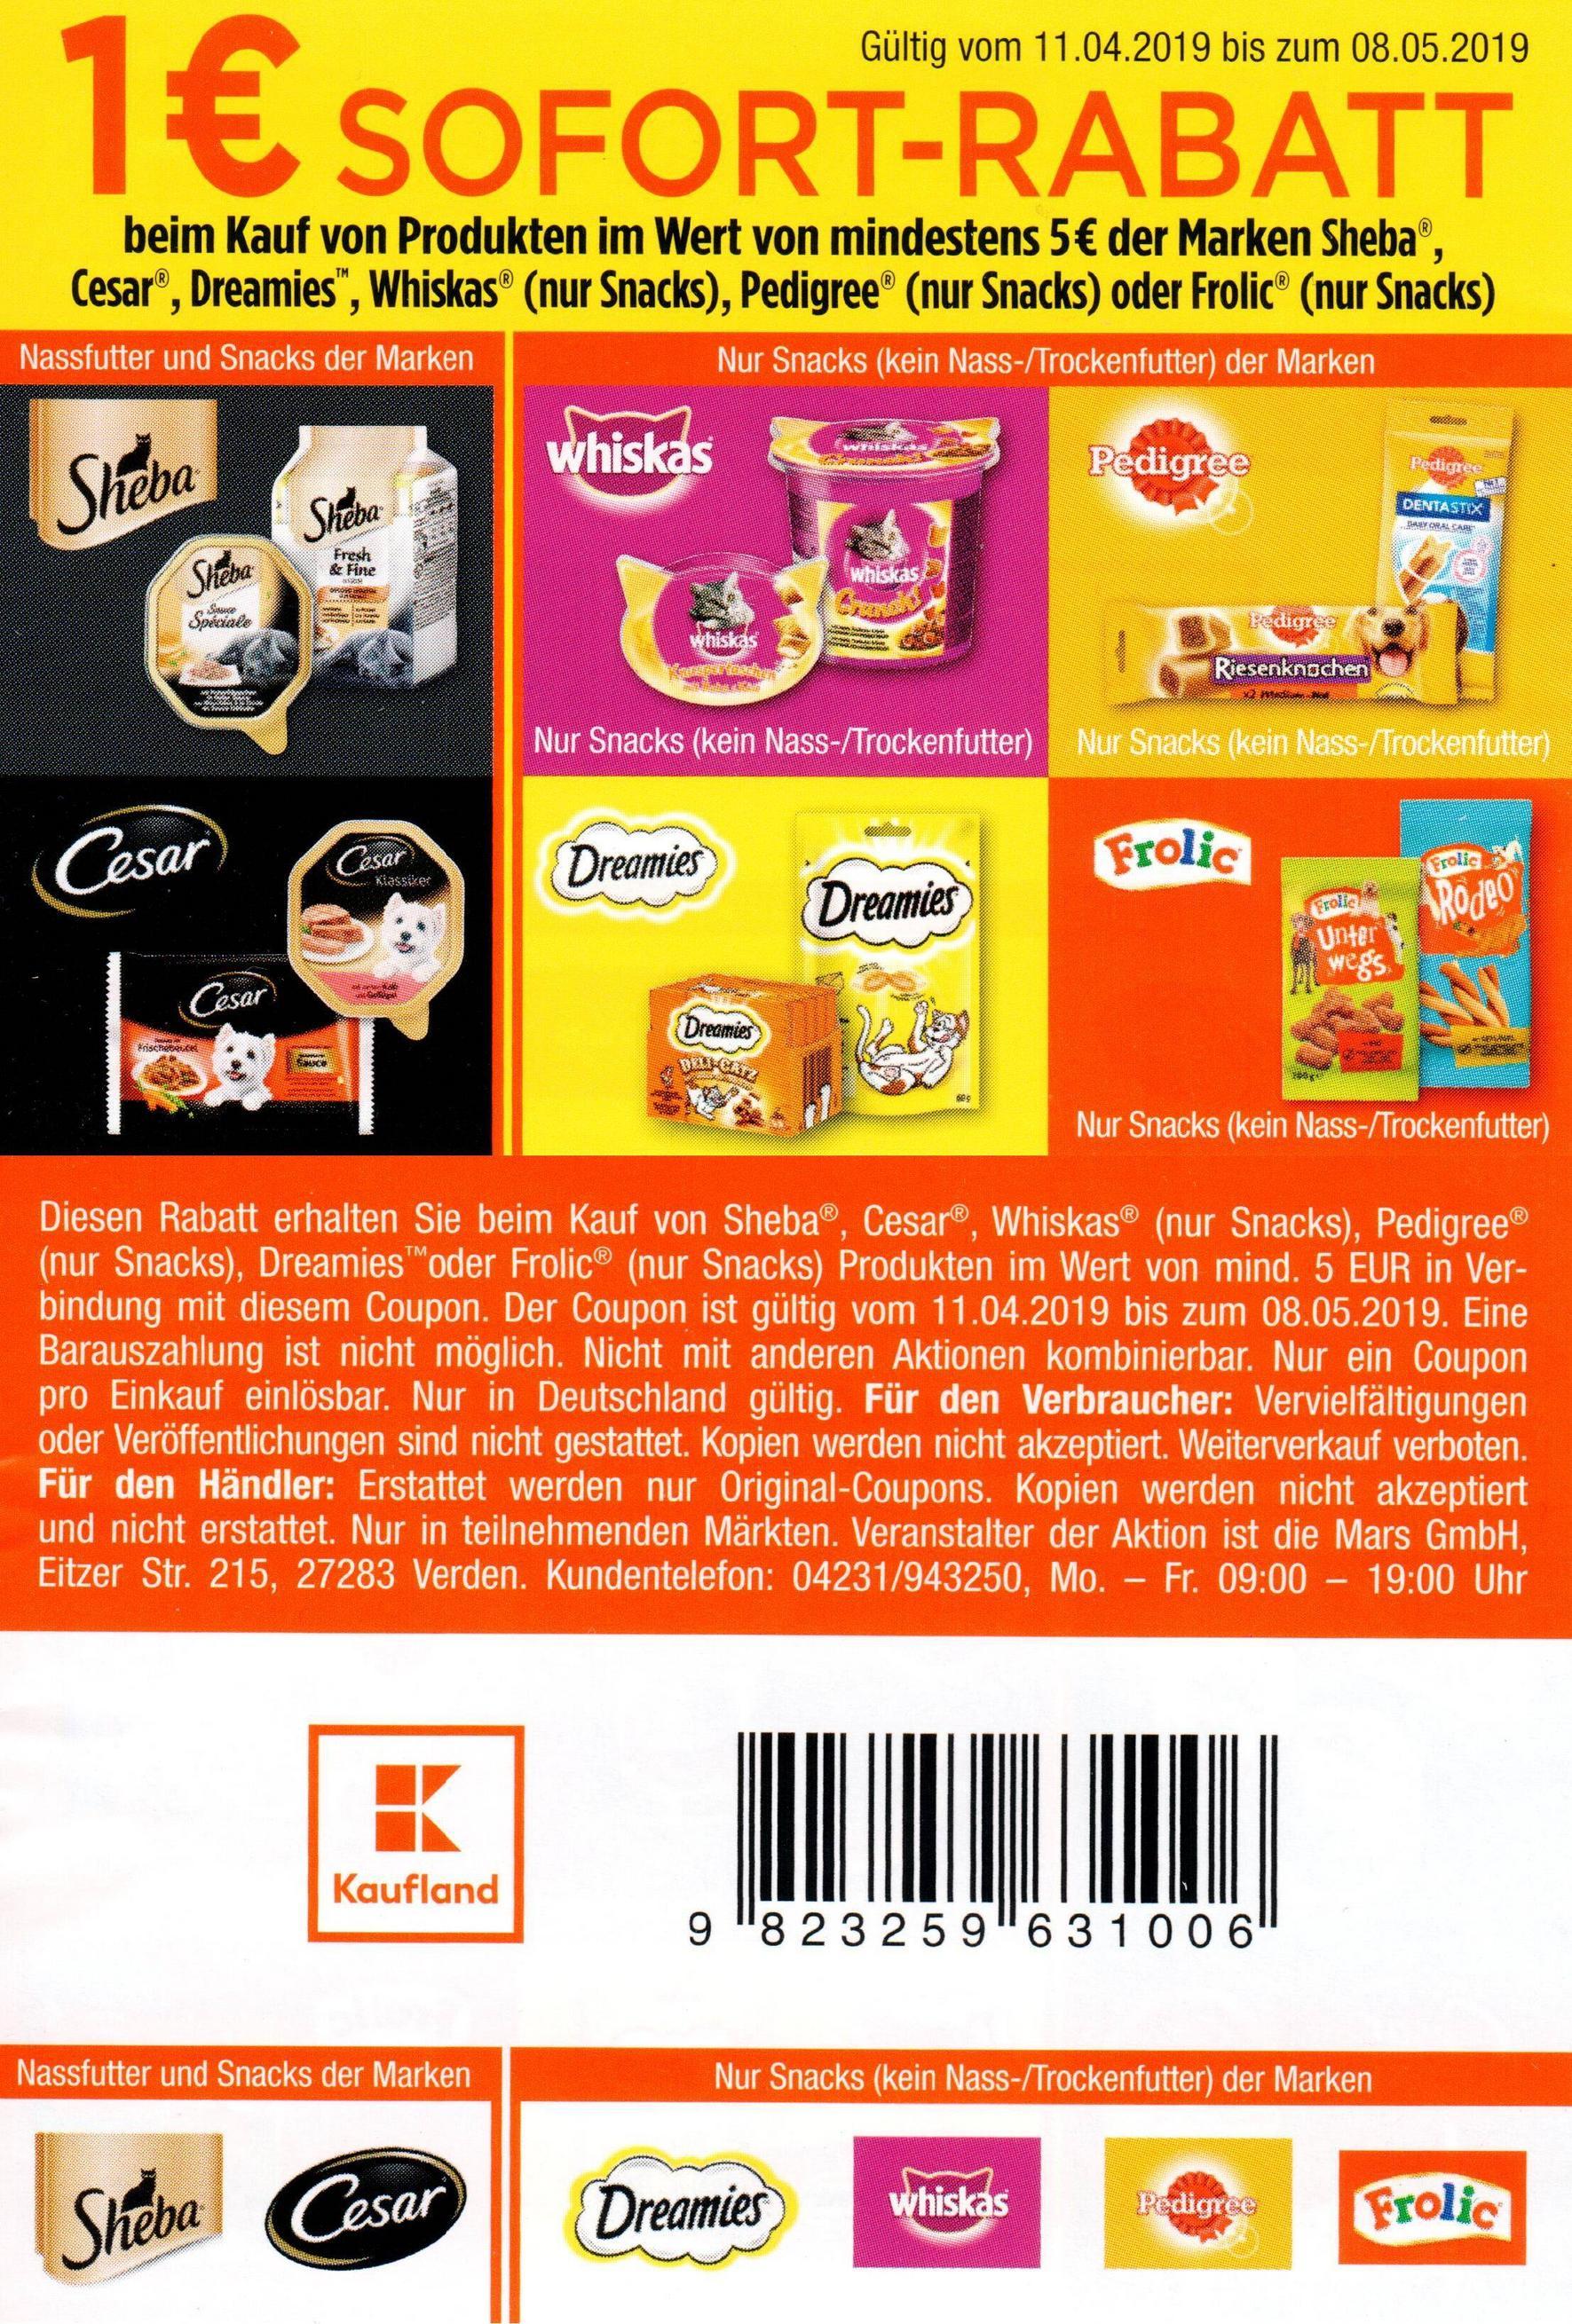 1€ Coupon für den Kauf von Produkten der Marken Sheba, Cesar, Dreamies, Whiskas/Pedigree/Frolic (nur Snacks) ab 5€ [09.05.2019] bei Kaufland